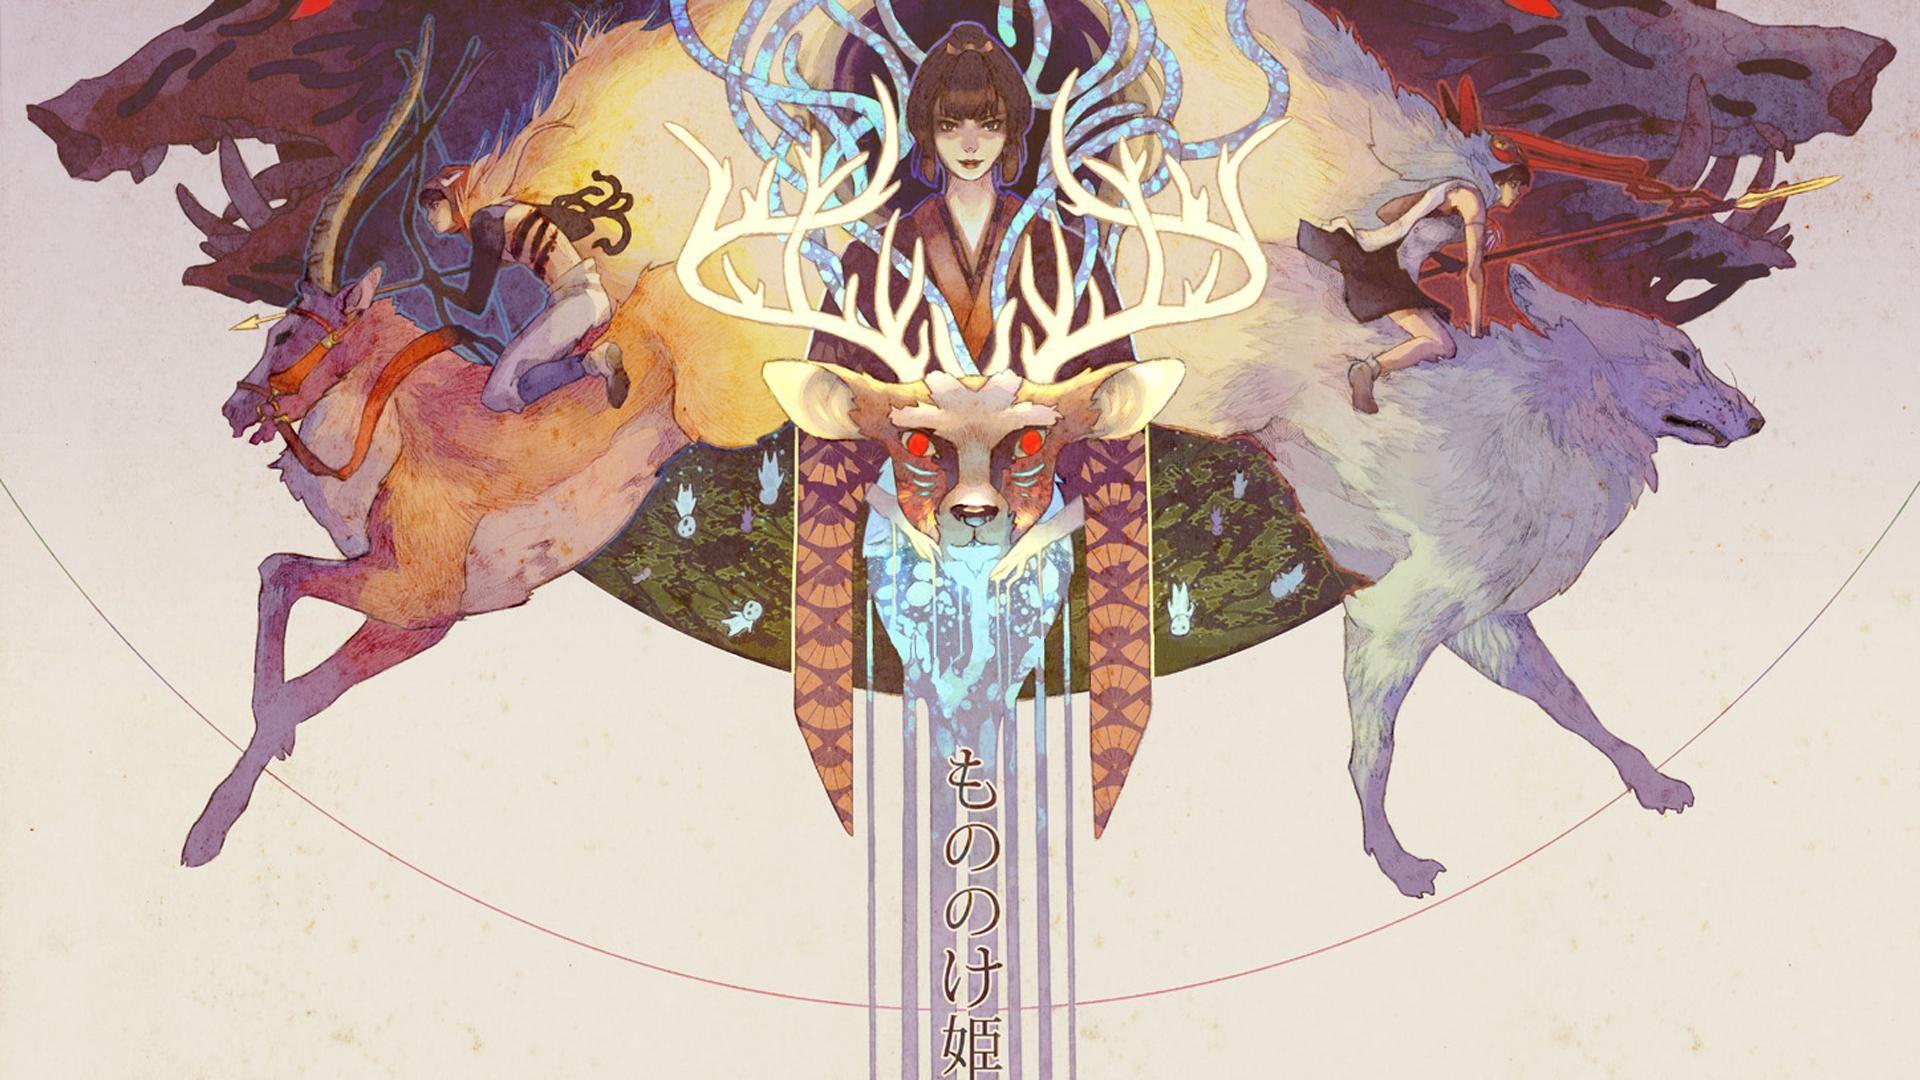 General-1920x1080-Princess-Mononoke-deer-anime-artwork-Studio-Ghibli-wallpaper-wp3606117